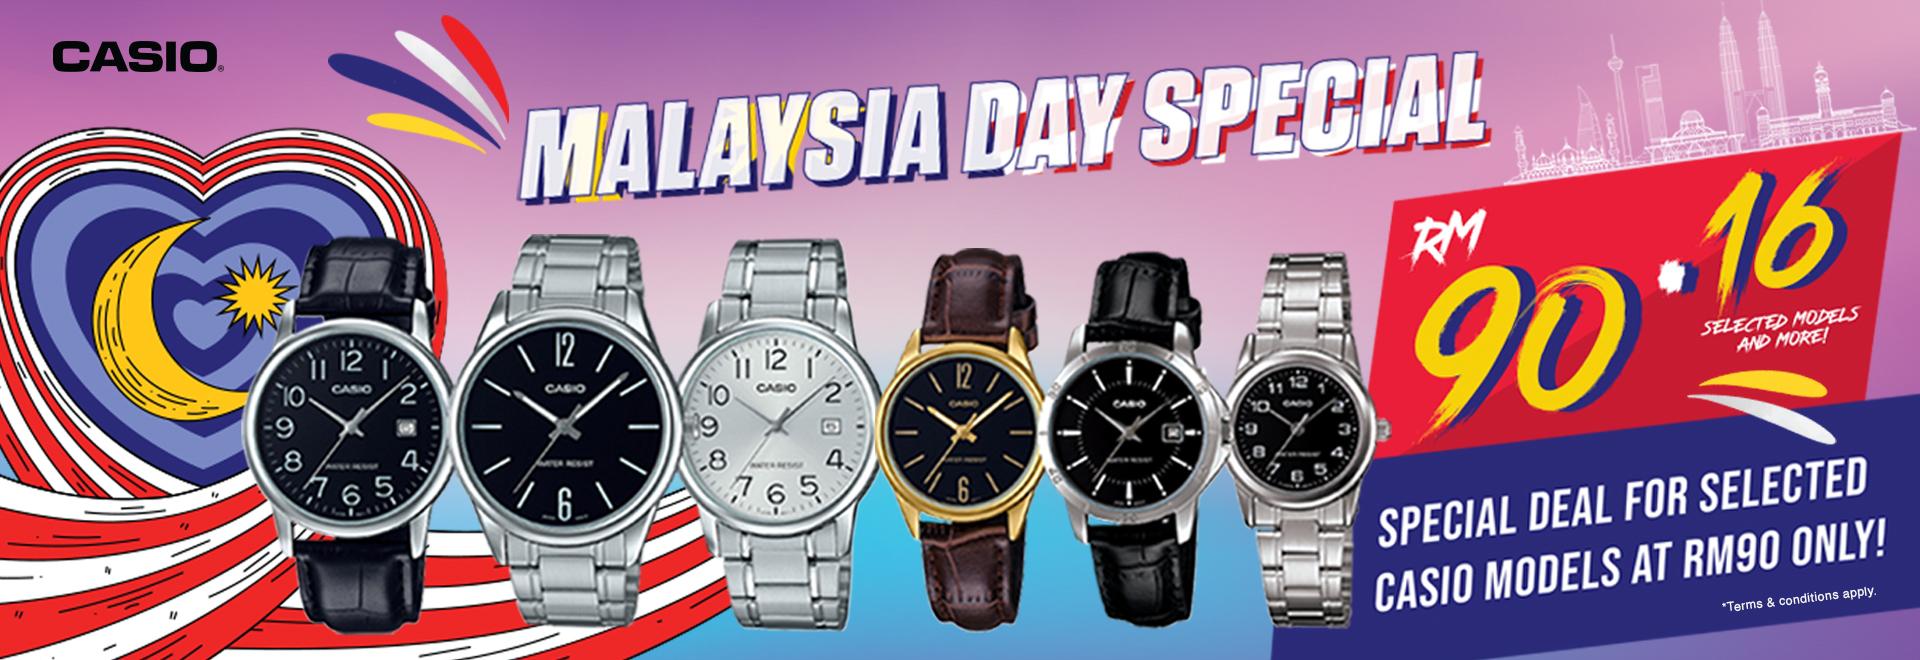 Malaysia Day